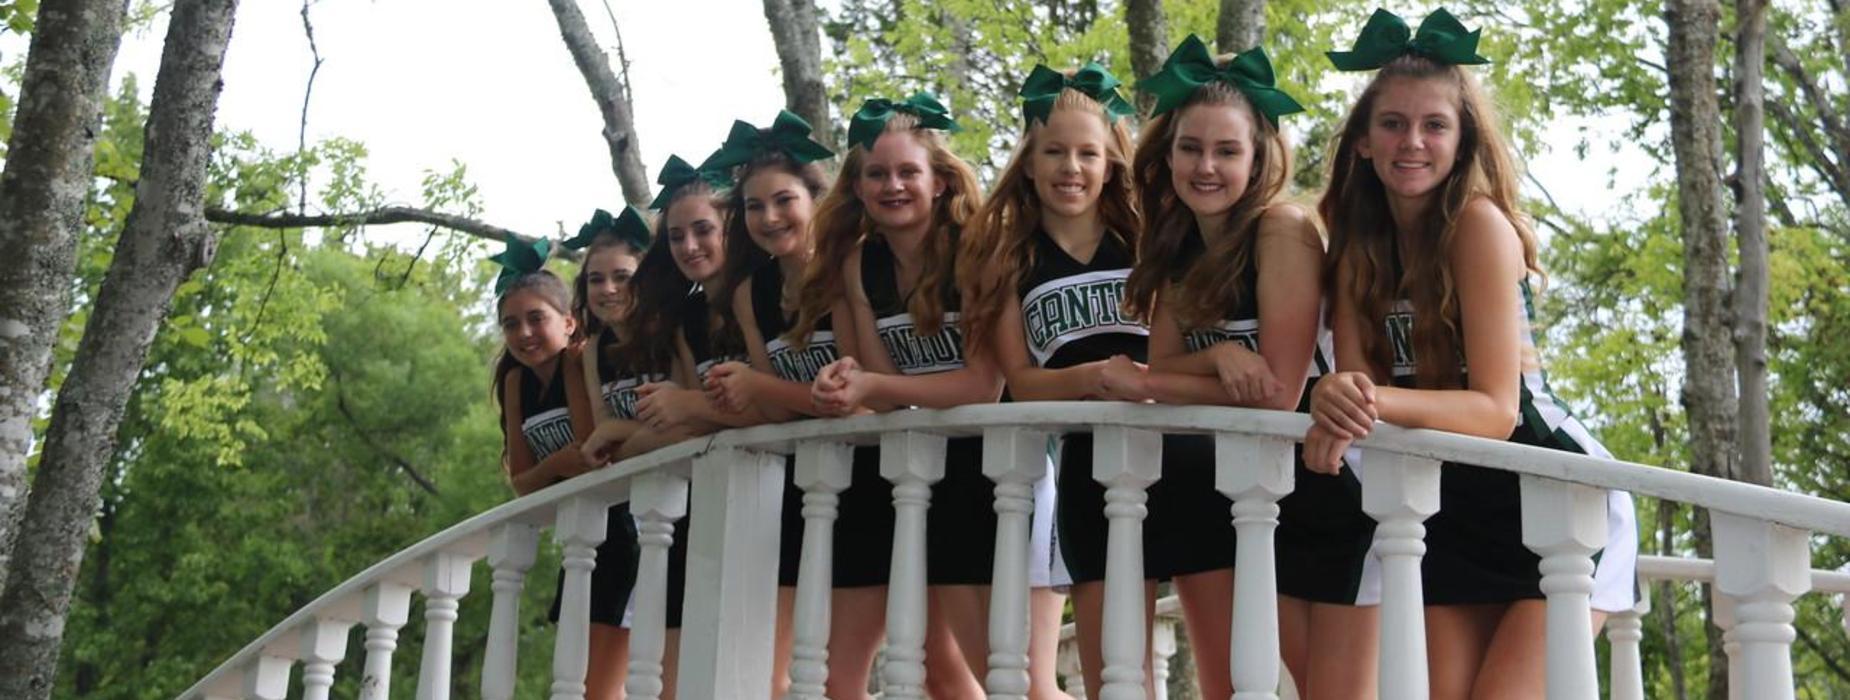 2017-18 Junior High Cheerleaders